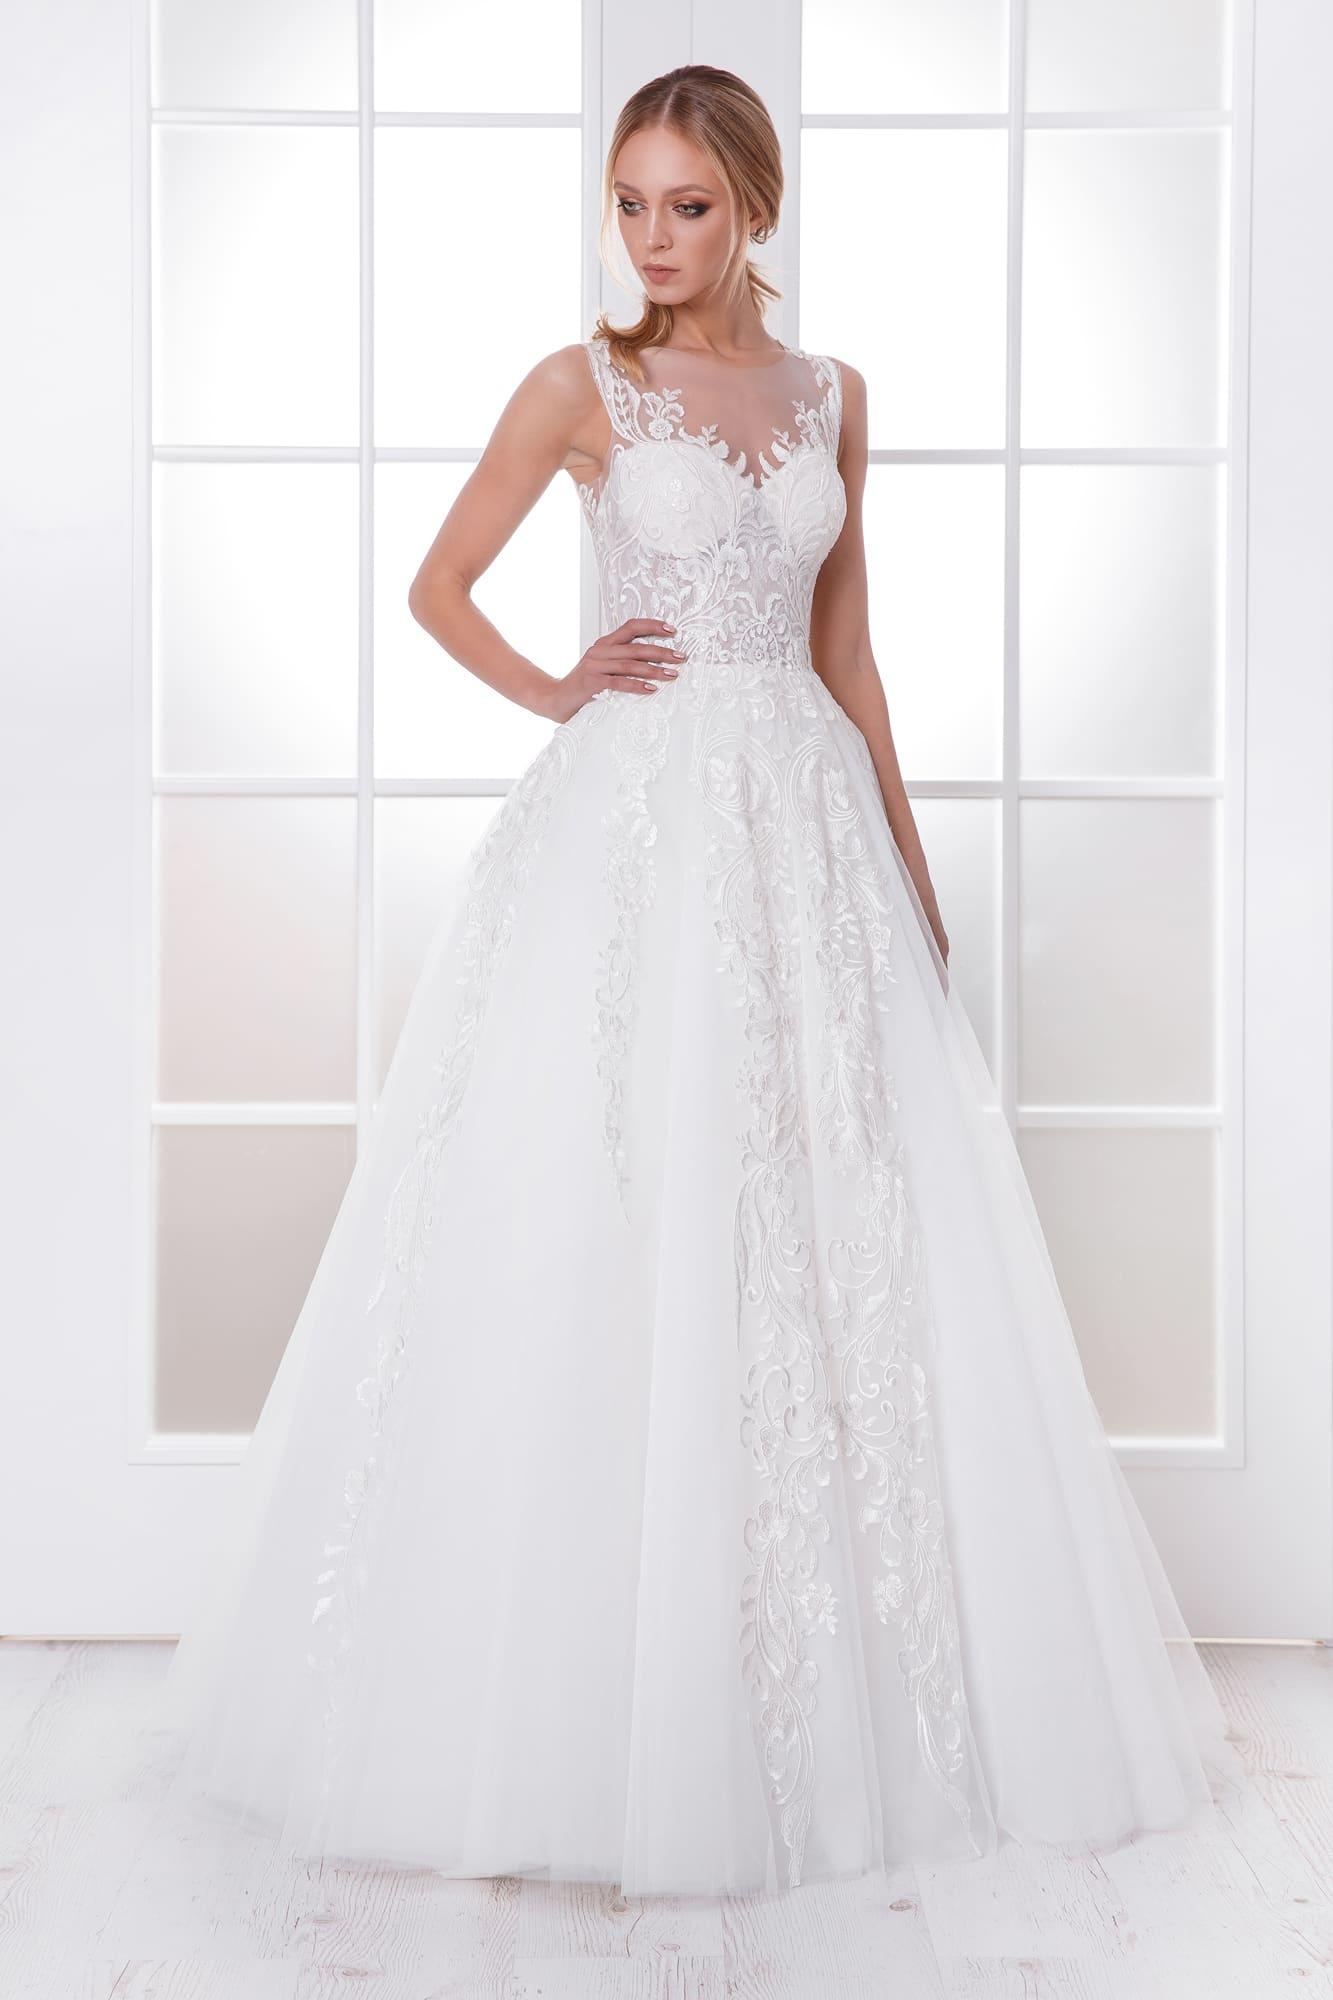 6f75308eb5ff7c6 Свадебное платье Queen Leyla ▷ Свадебный Торговый Центр Вега в Москве